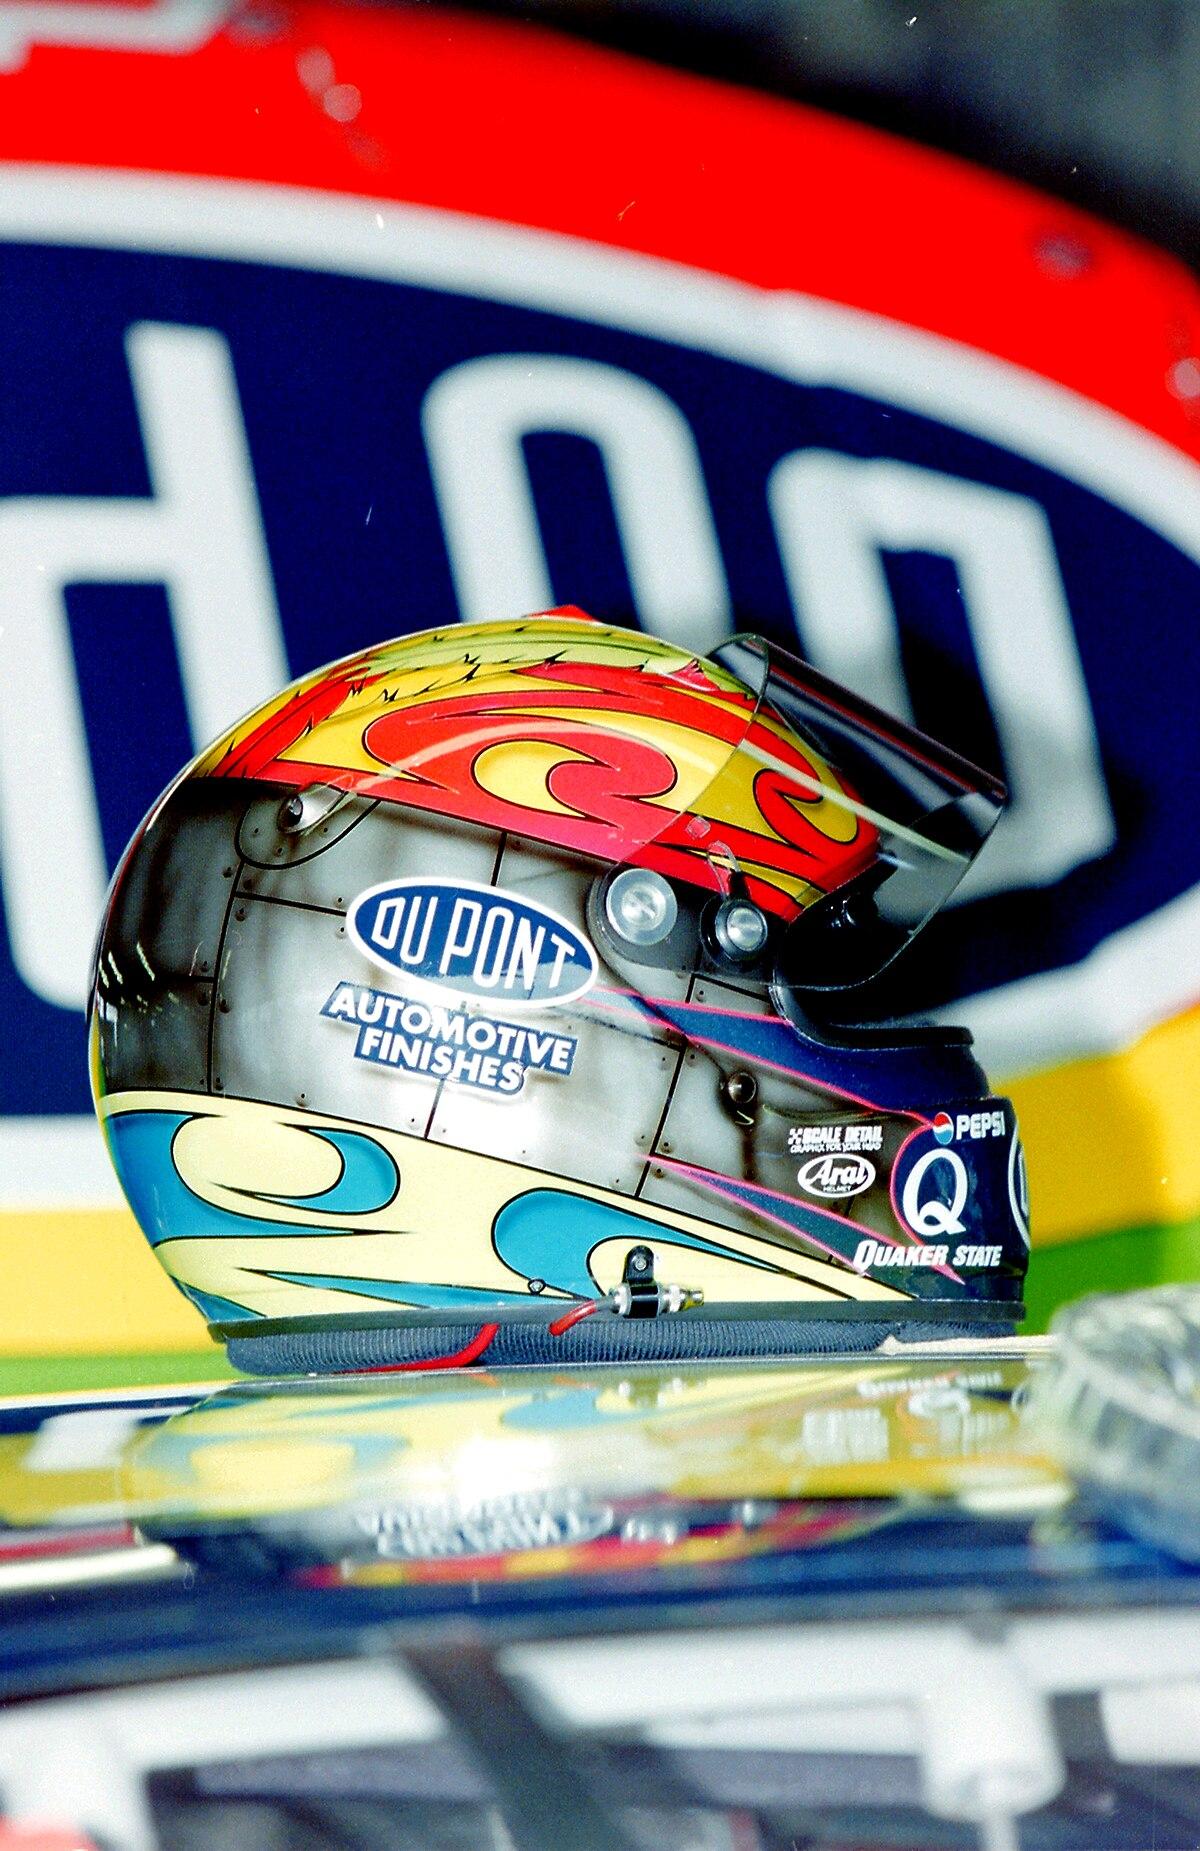 Escape The Car >> Racing helmet - Wikipedia